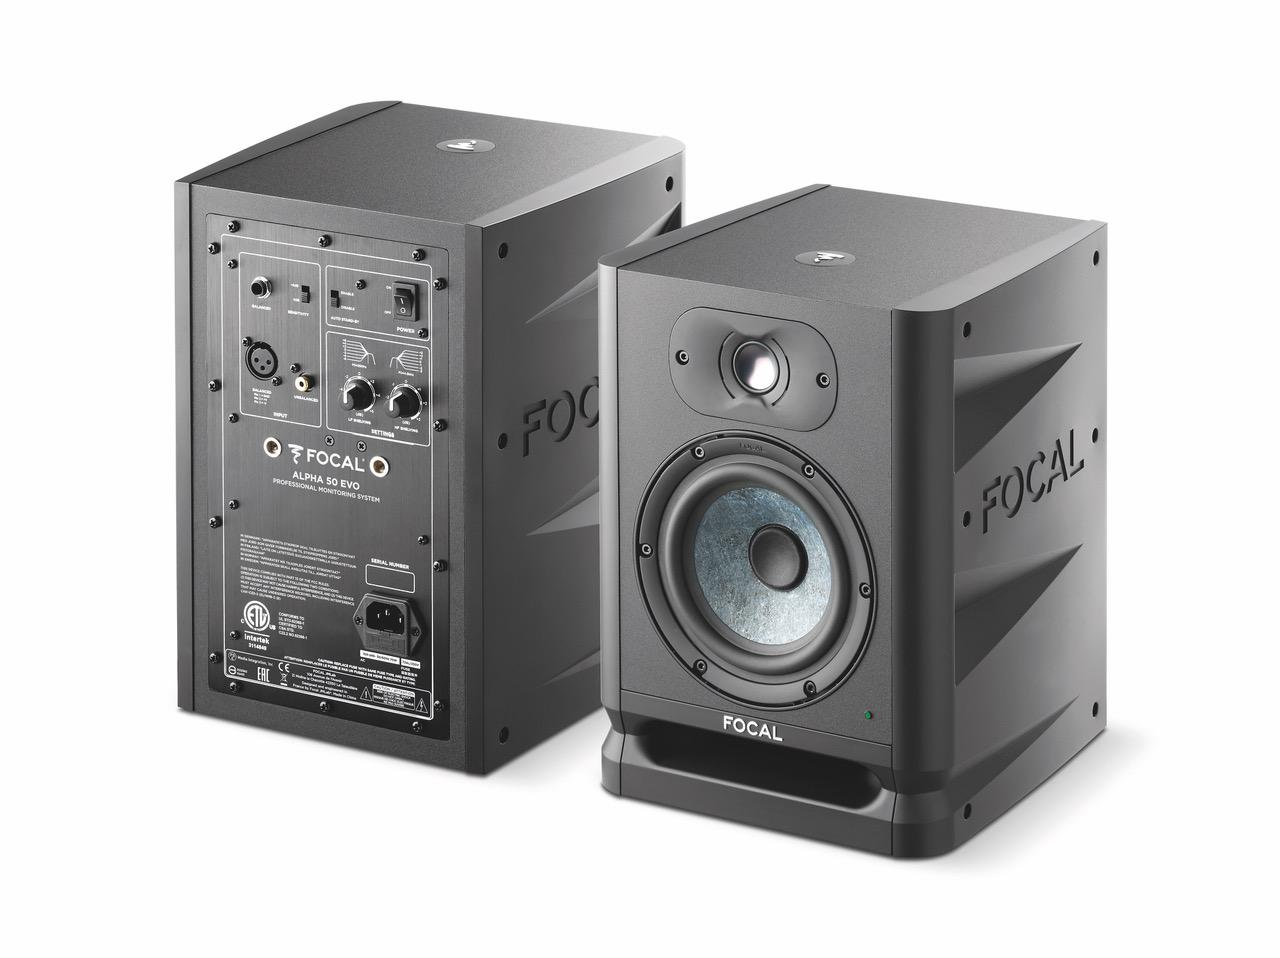 FOCAL Releases New ALPHA EVO Studio Monitors - GearGods